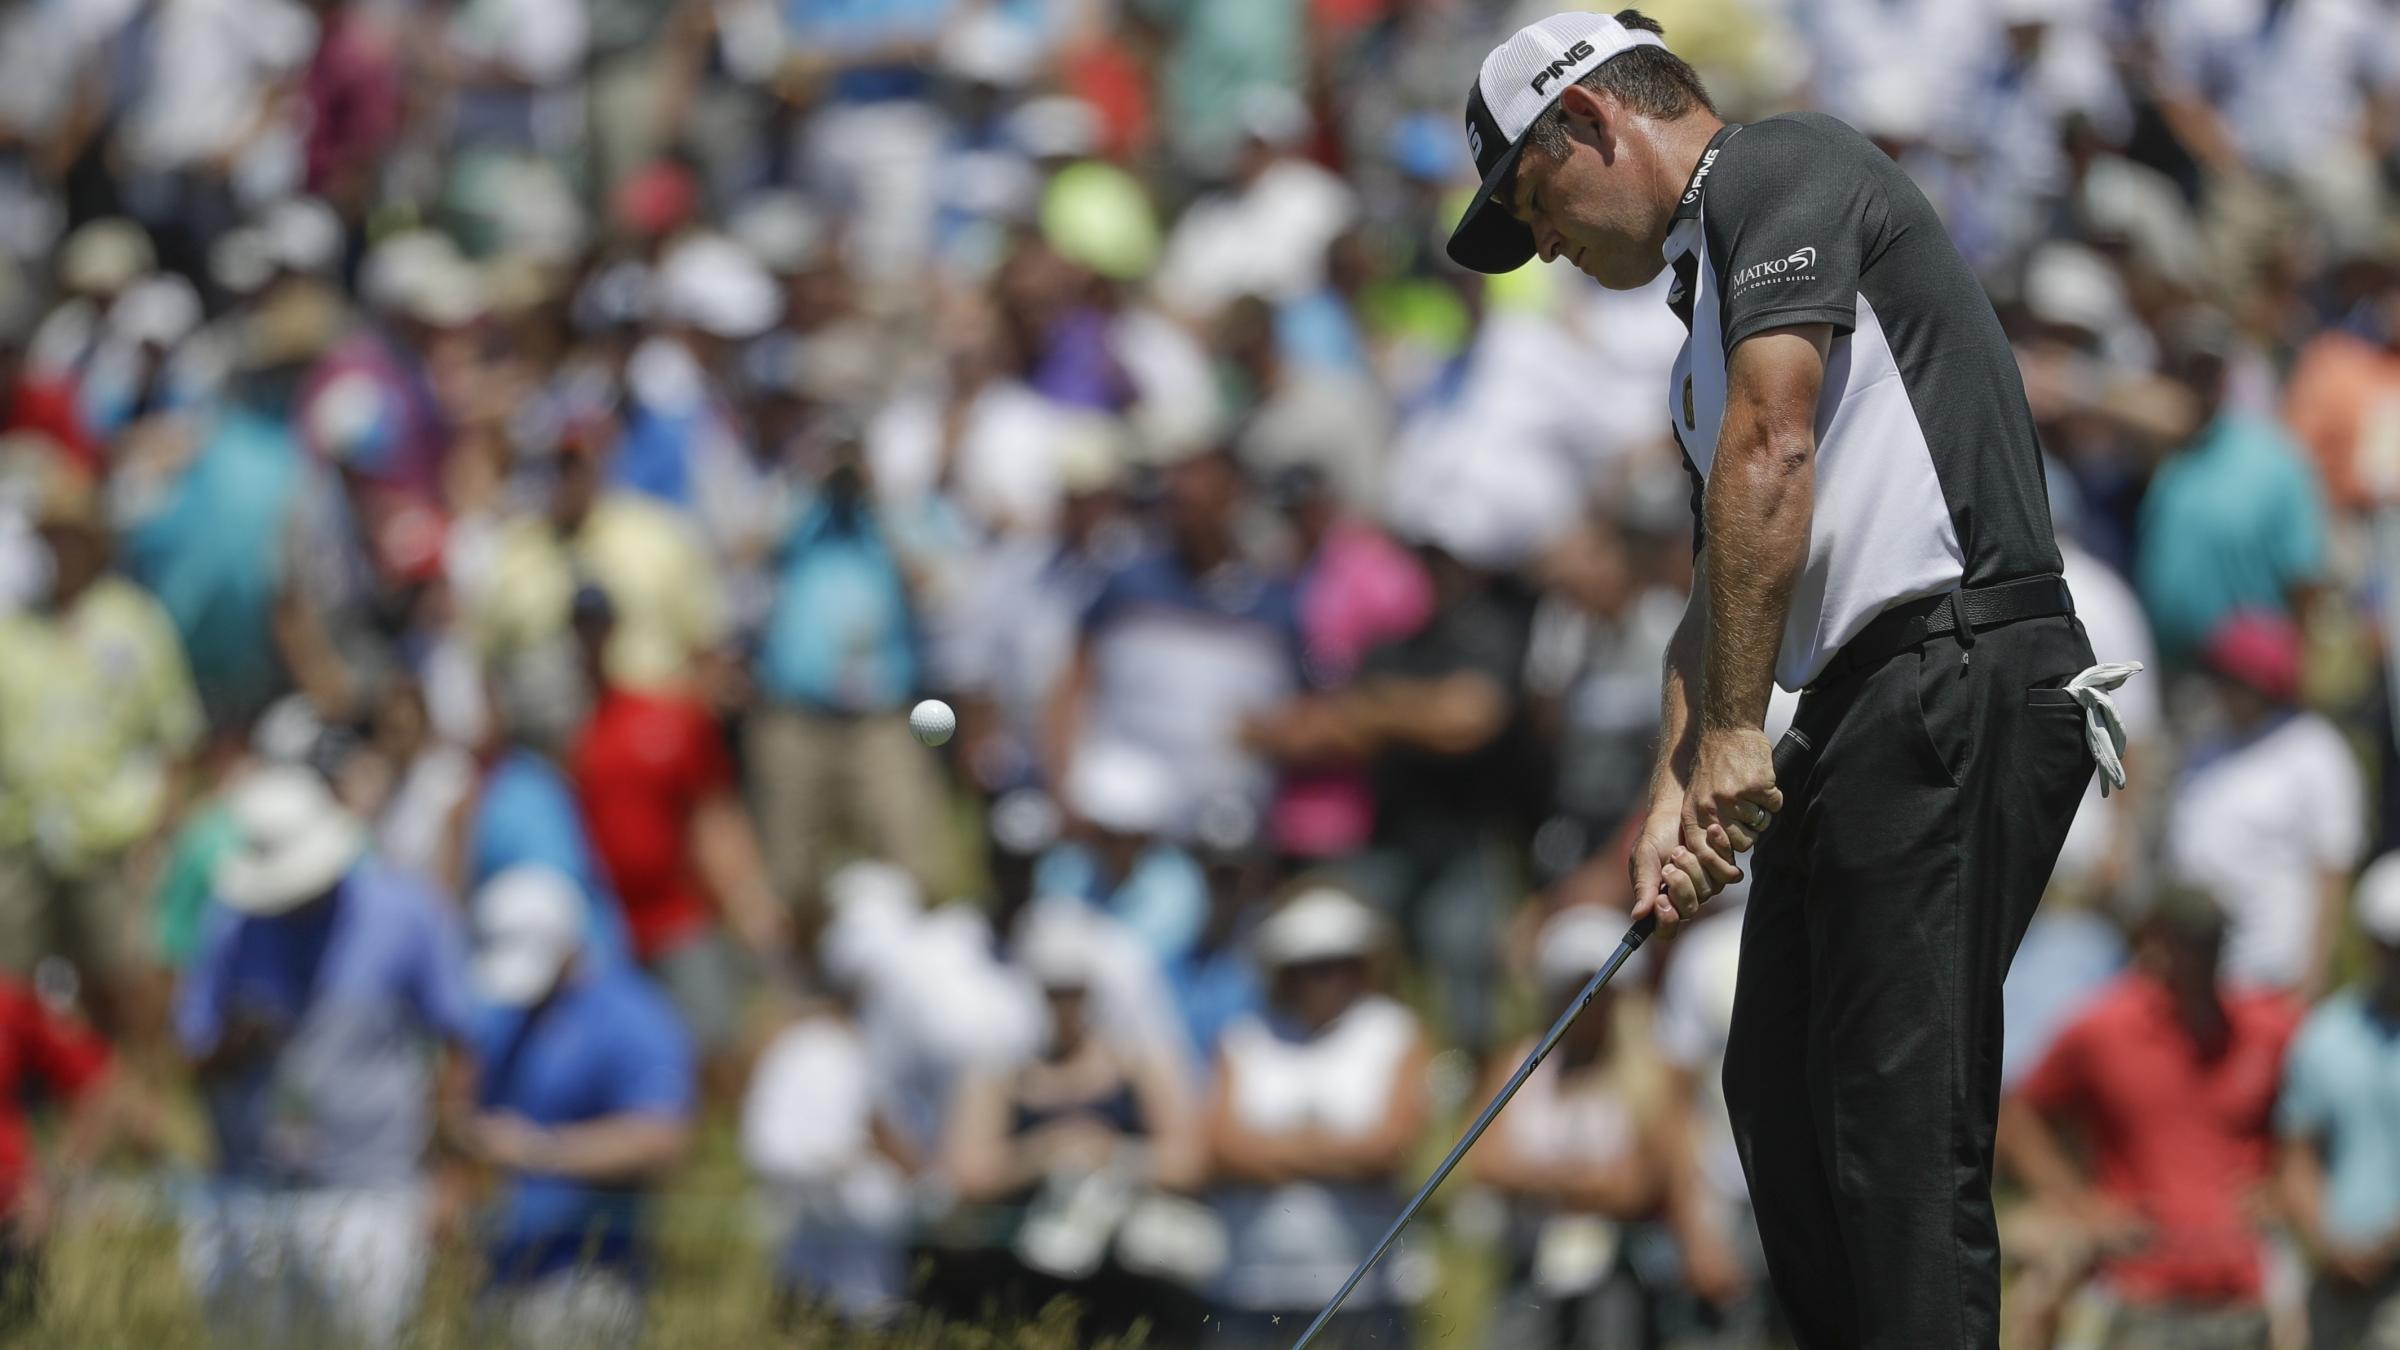 Justin Thomas enjoys record third round at US Open